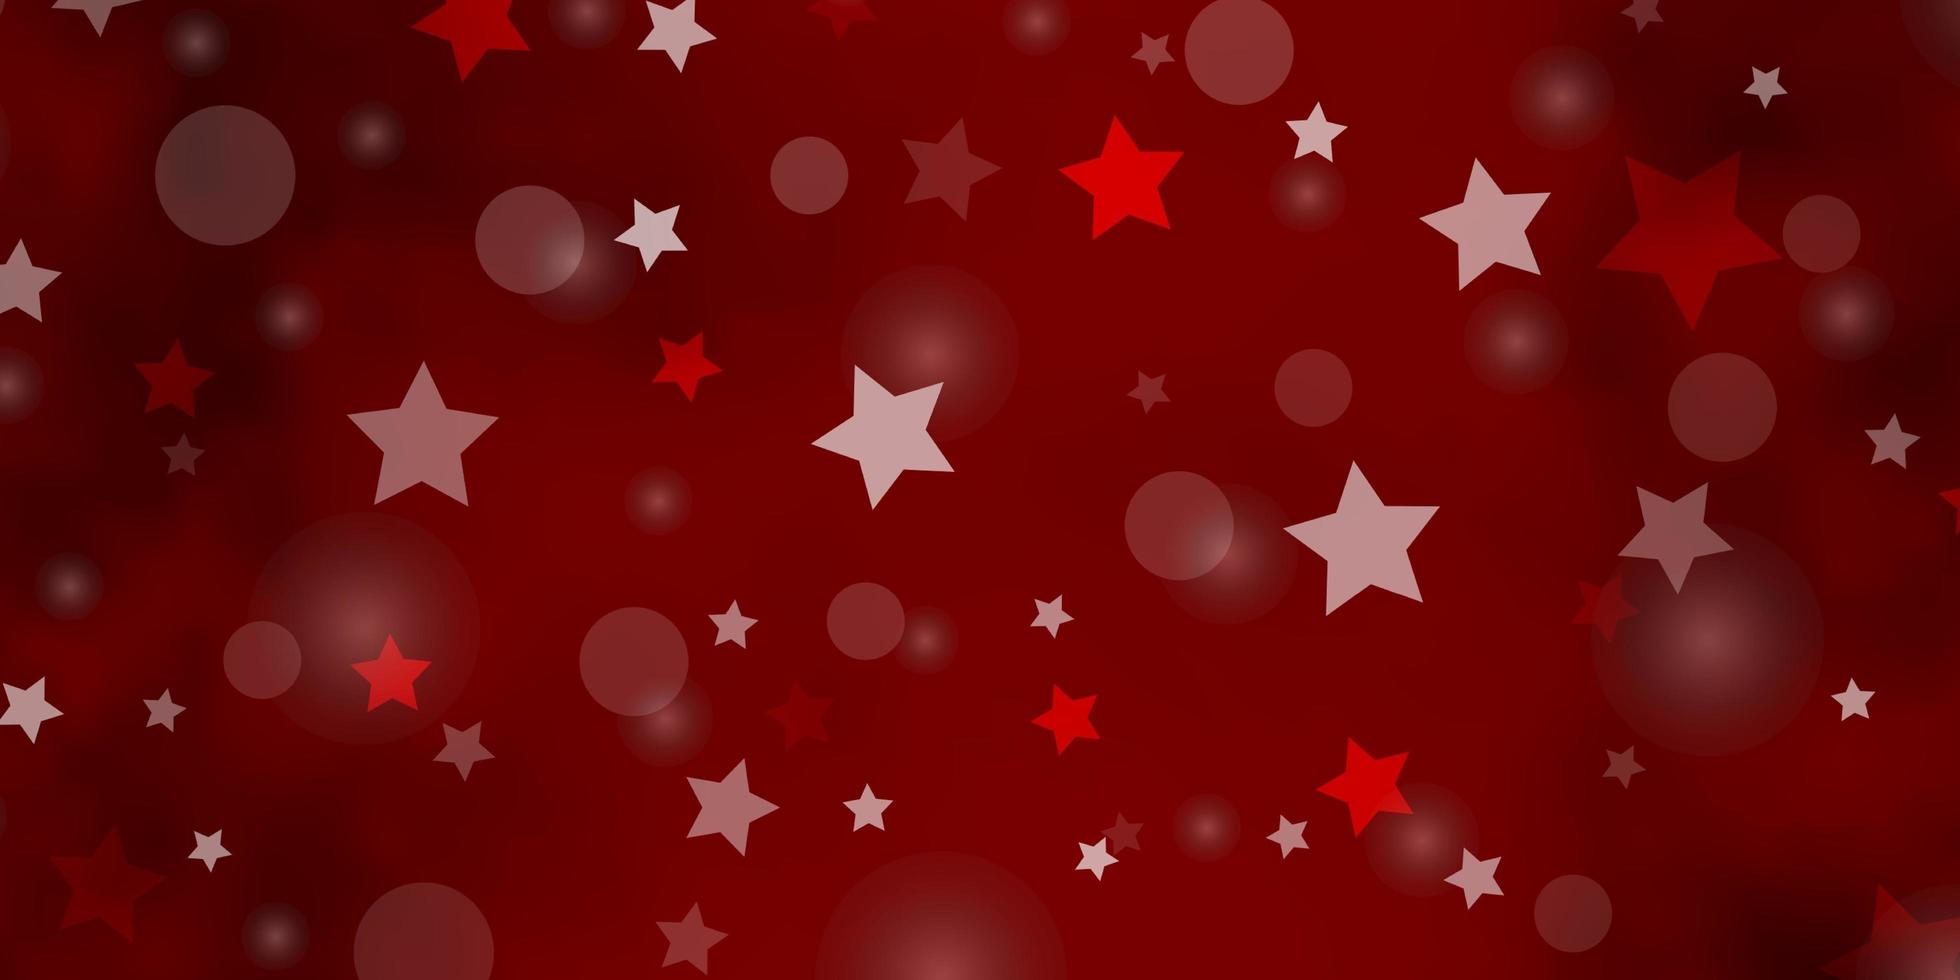 hellroter Vektorhintergrund mit Kreisen, Sternen. vektor